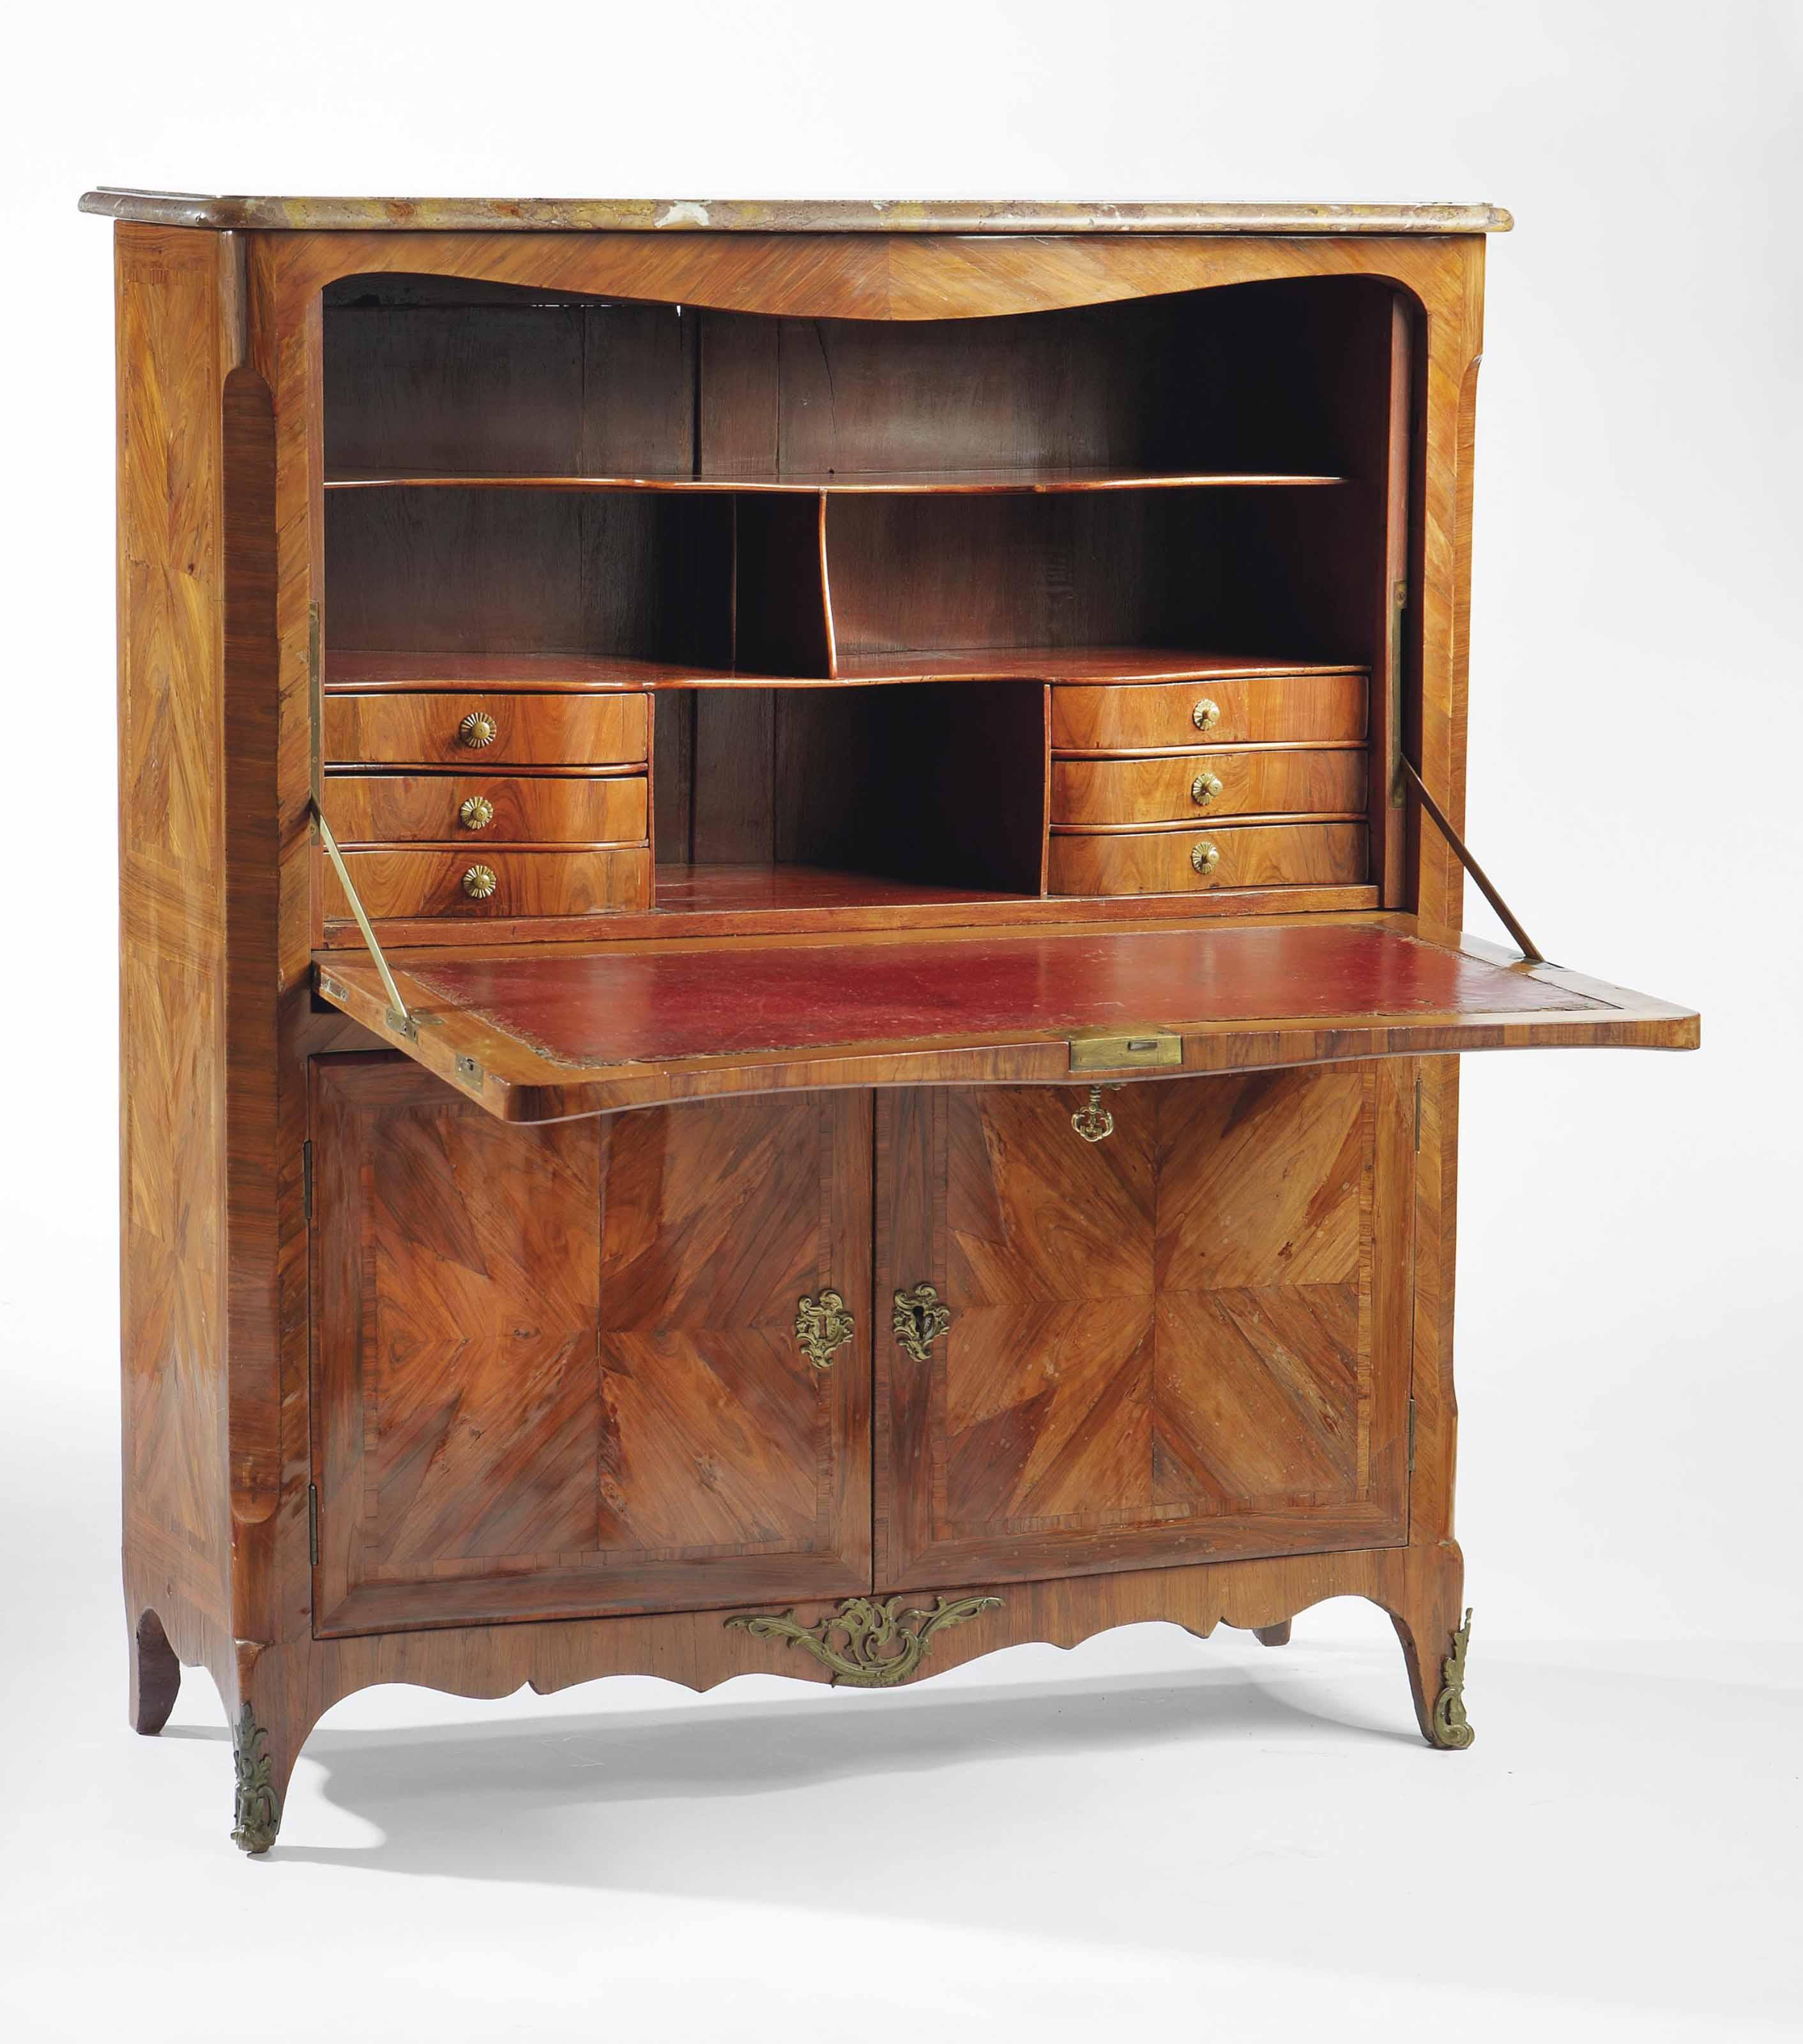 secretaire a abattant d 39 epoque louis xv milieu du xviiieme siecle christie 39 s. Black Bedroom Furniture Sets. Home Design Ideas